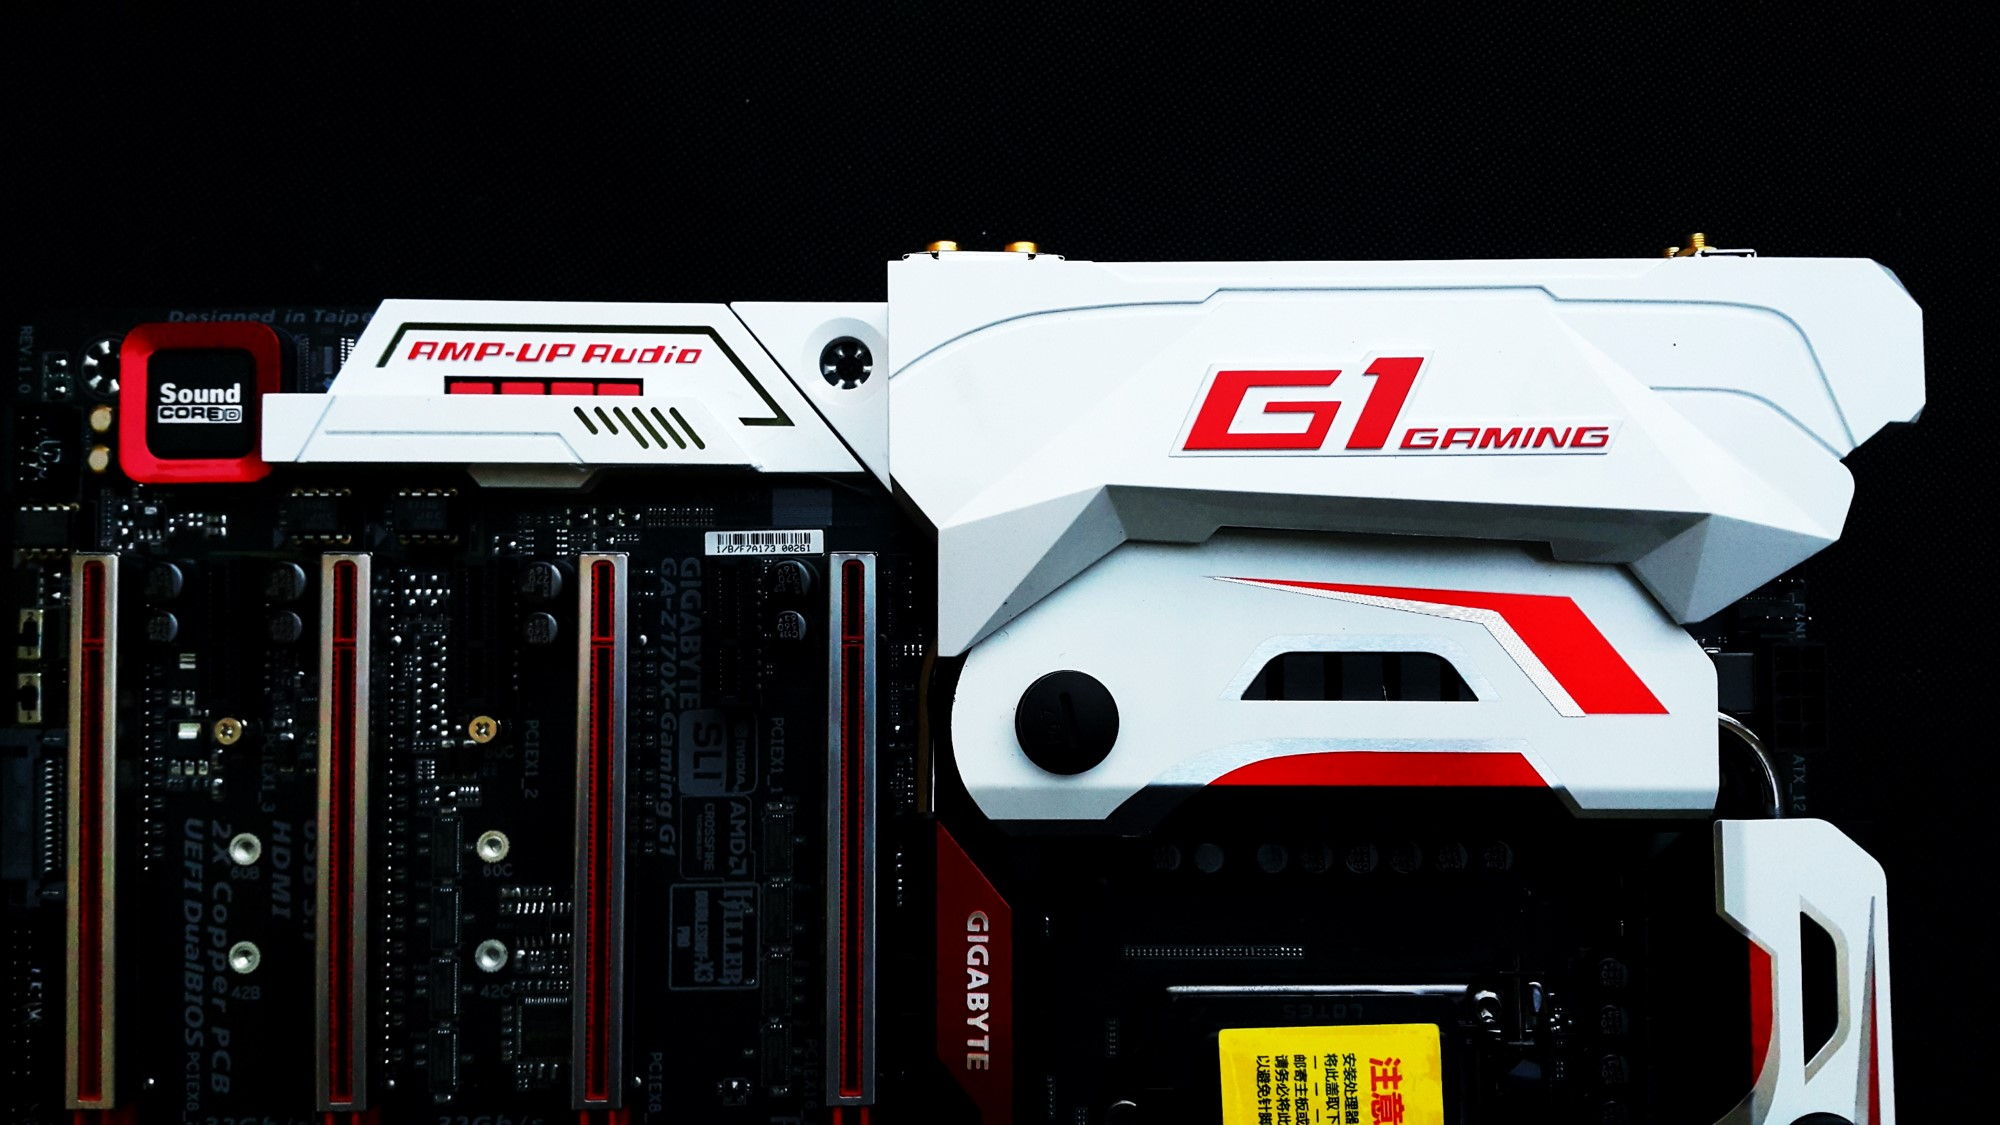 Gigabyte Z170X Gaming G1 Armor